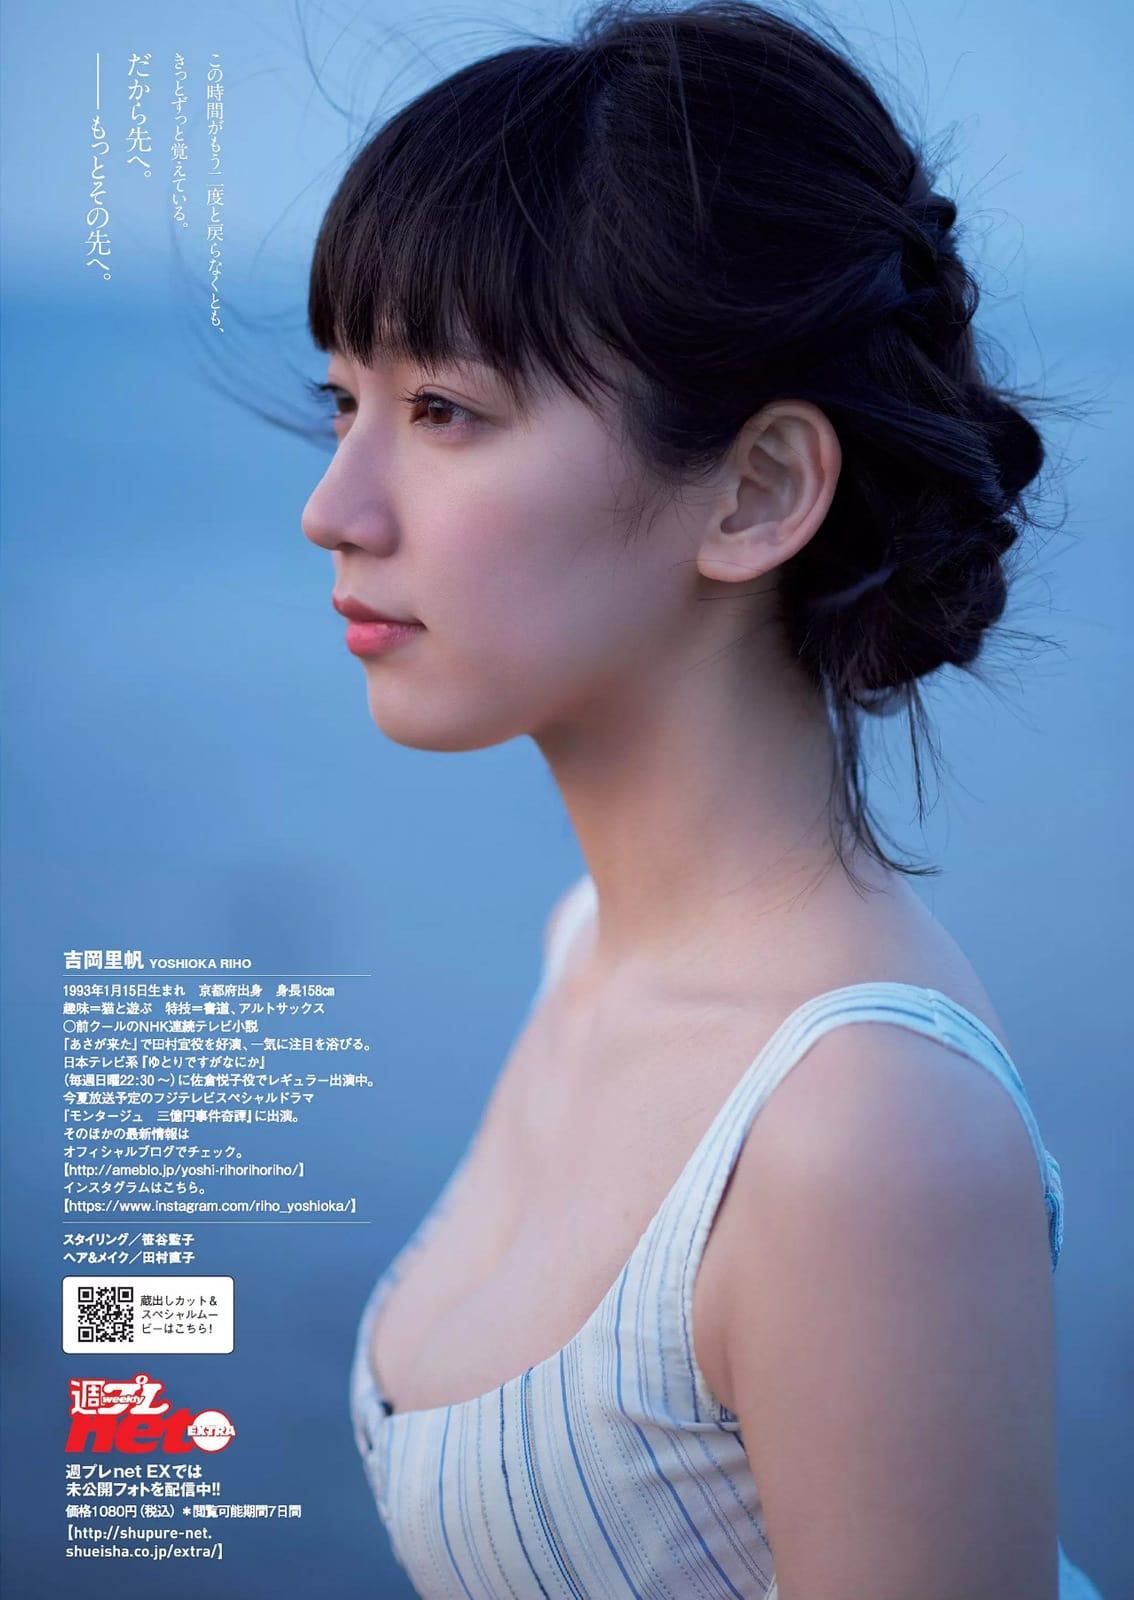 「週刊プレイボーイ 2016 No.21」吉岡里帆の着衣巨乳グラビア